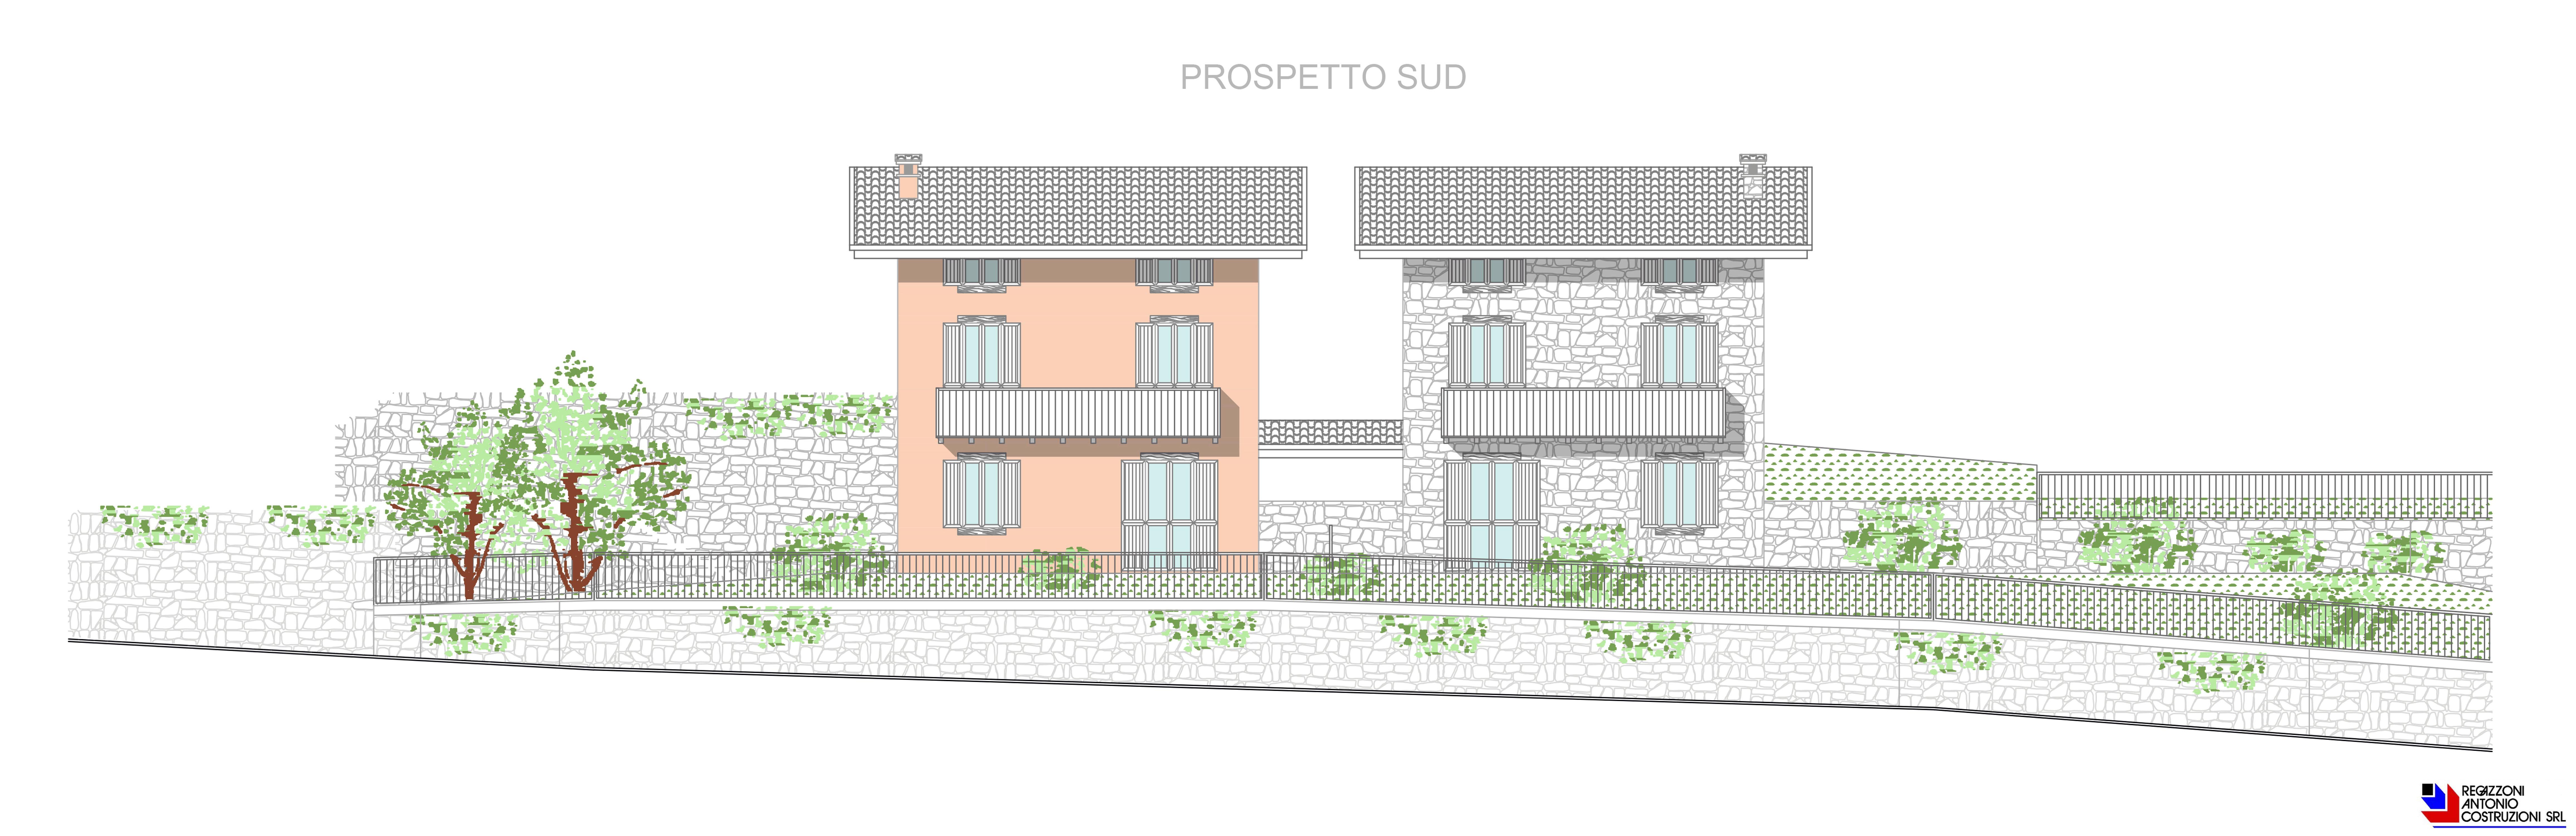 Prospetto sud villette - scala 1a100